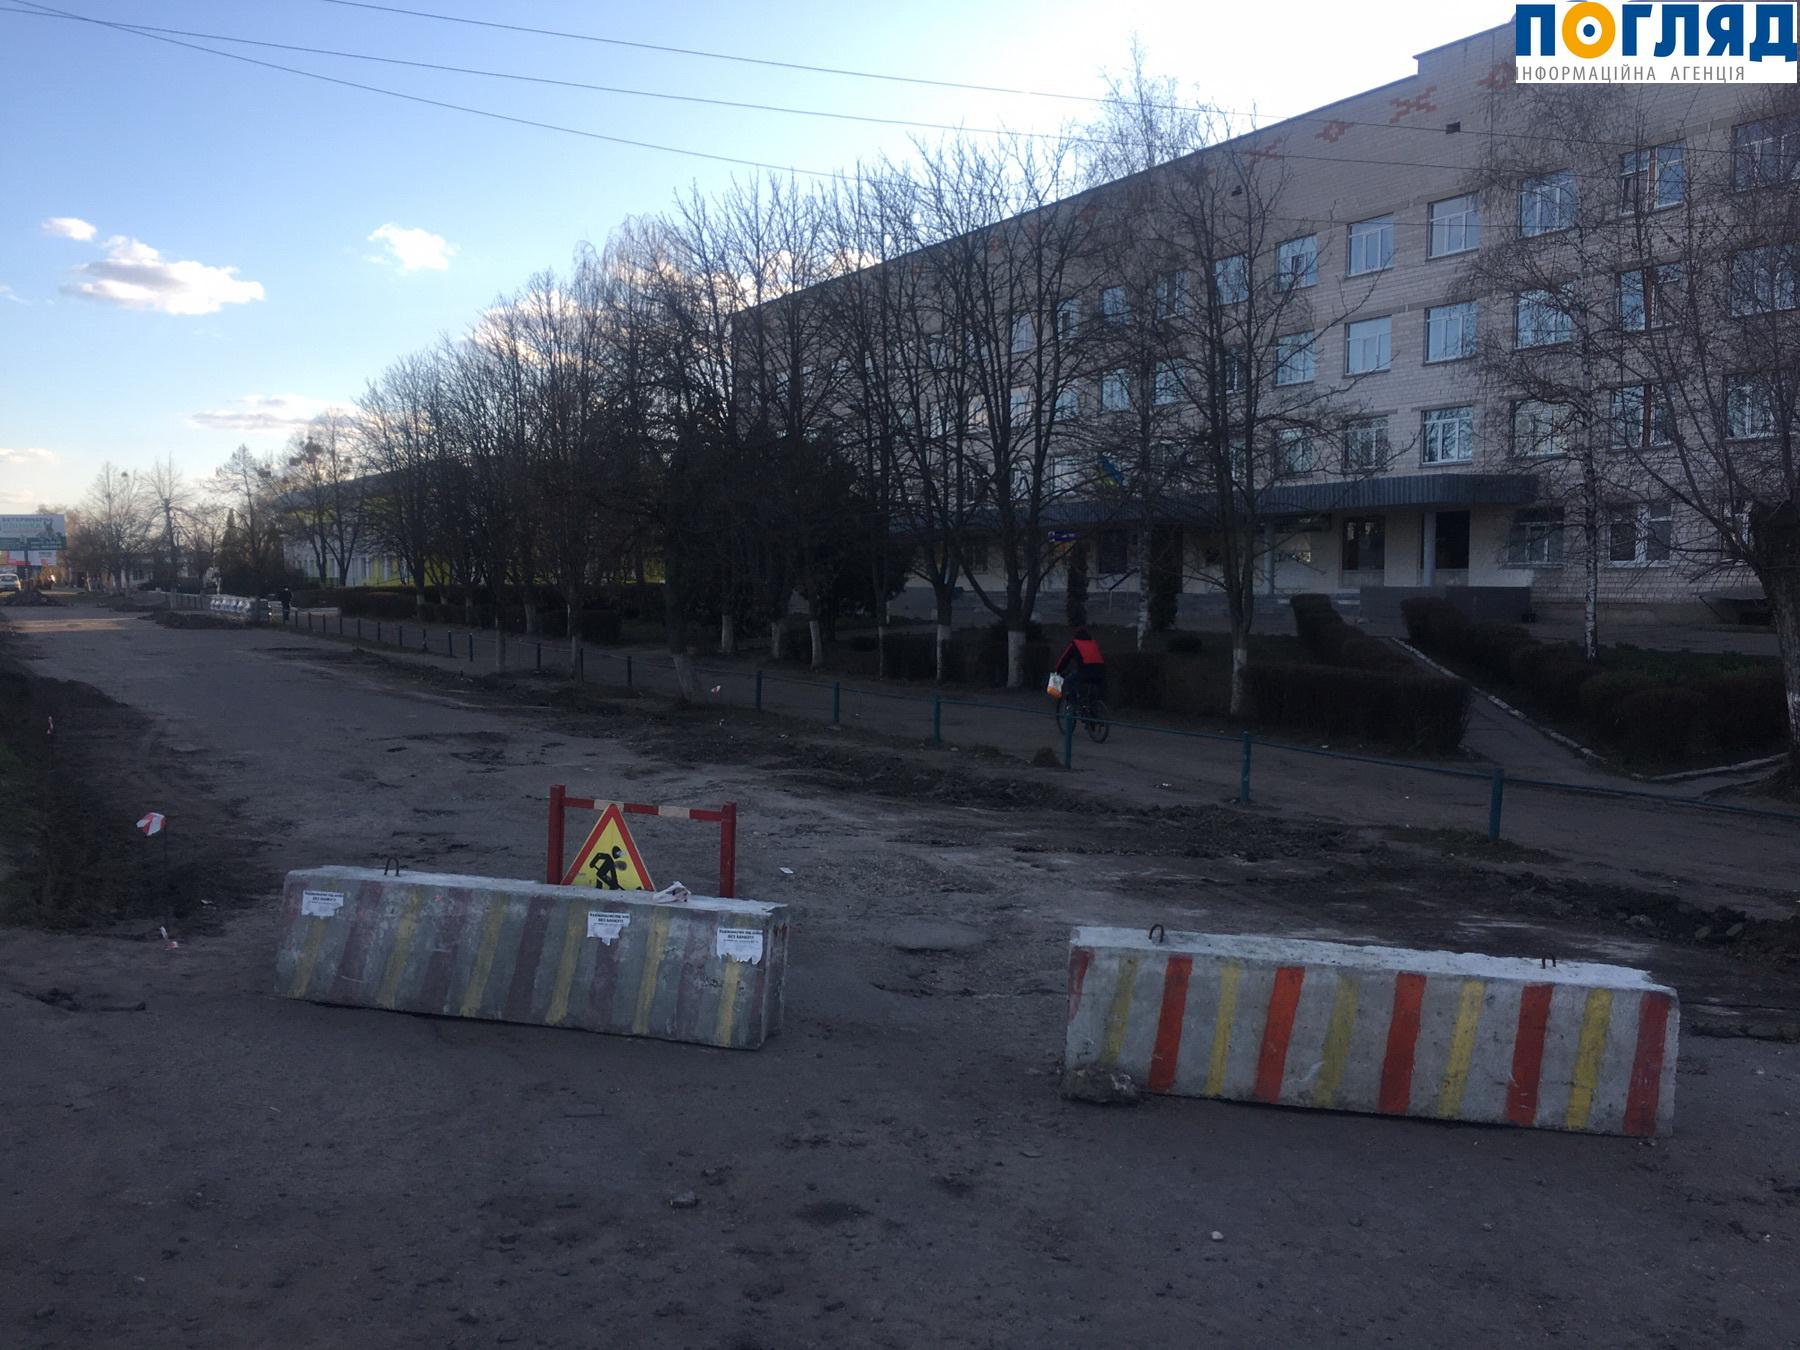 Замість вибоїн – парковка біля лікарні Василькова - Васильків - zobrazhennya viber 2020 03 31 18 10 38